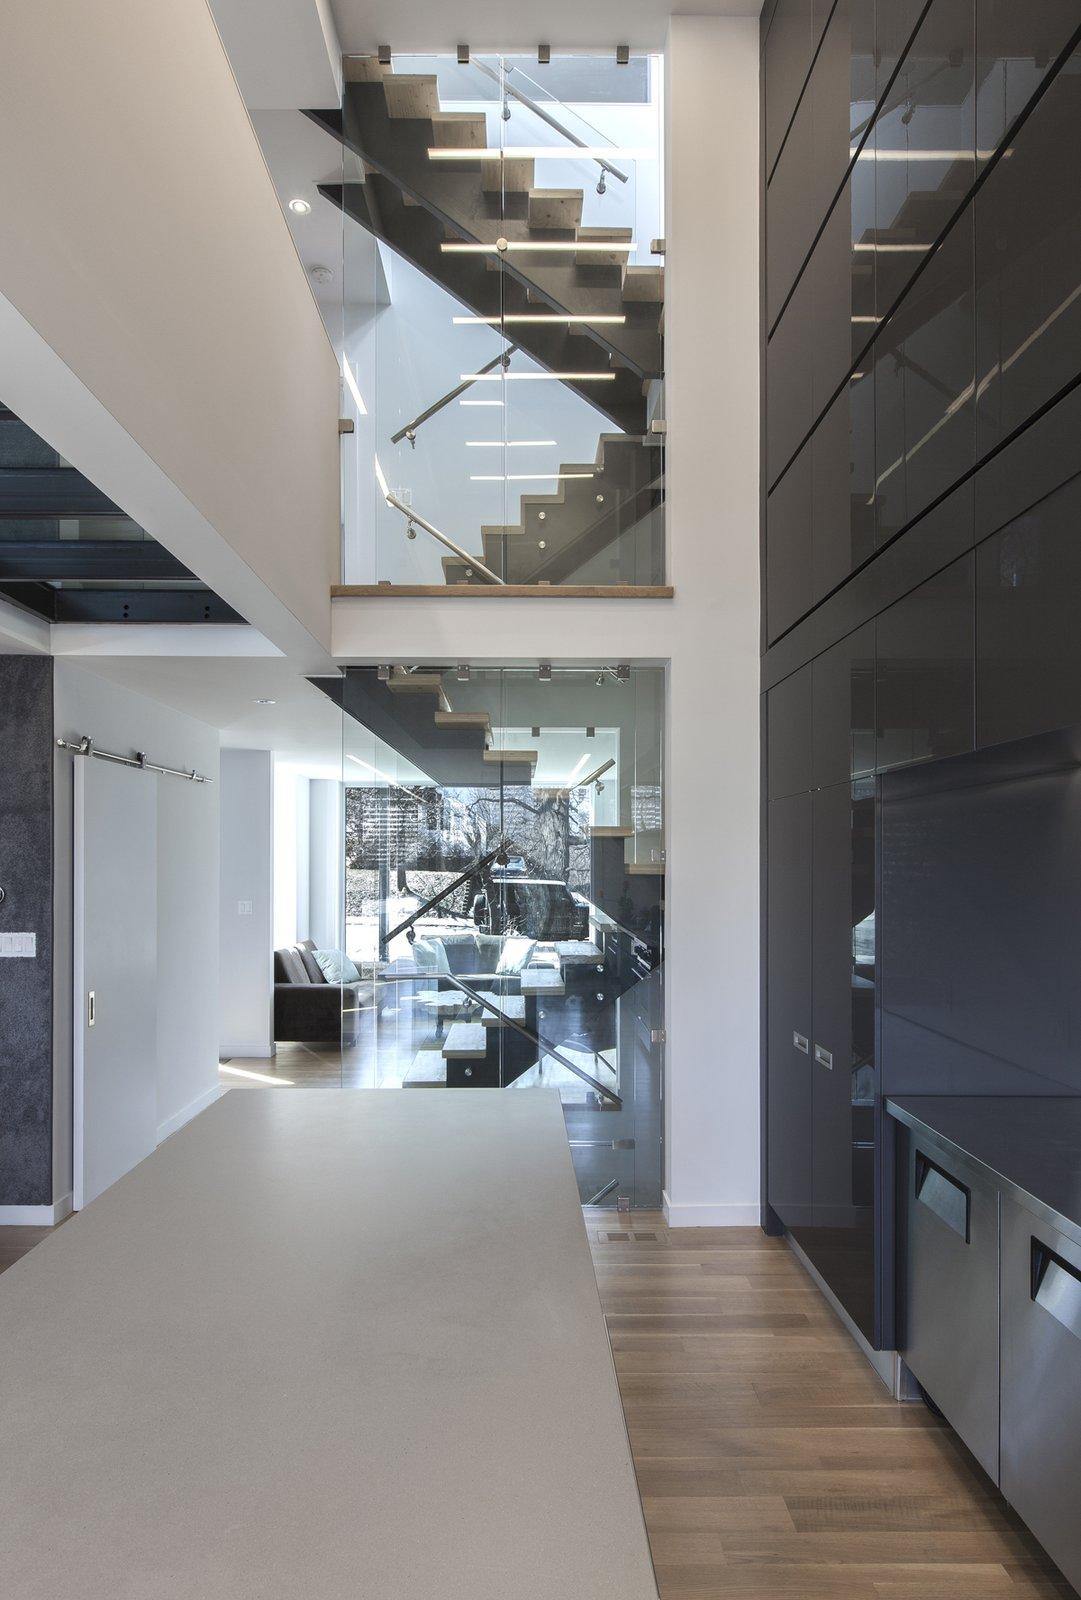 kitchen - stairwell  Instar House by rzlbd